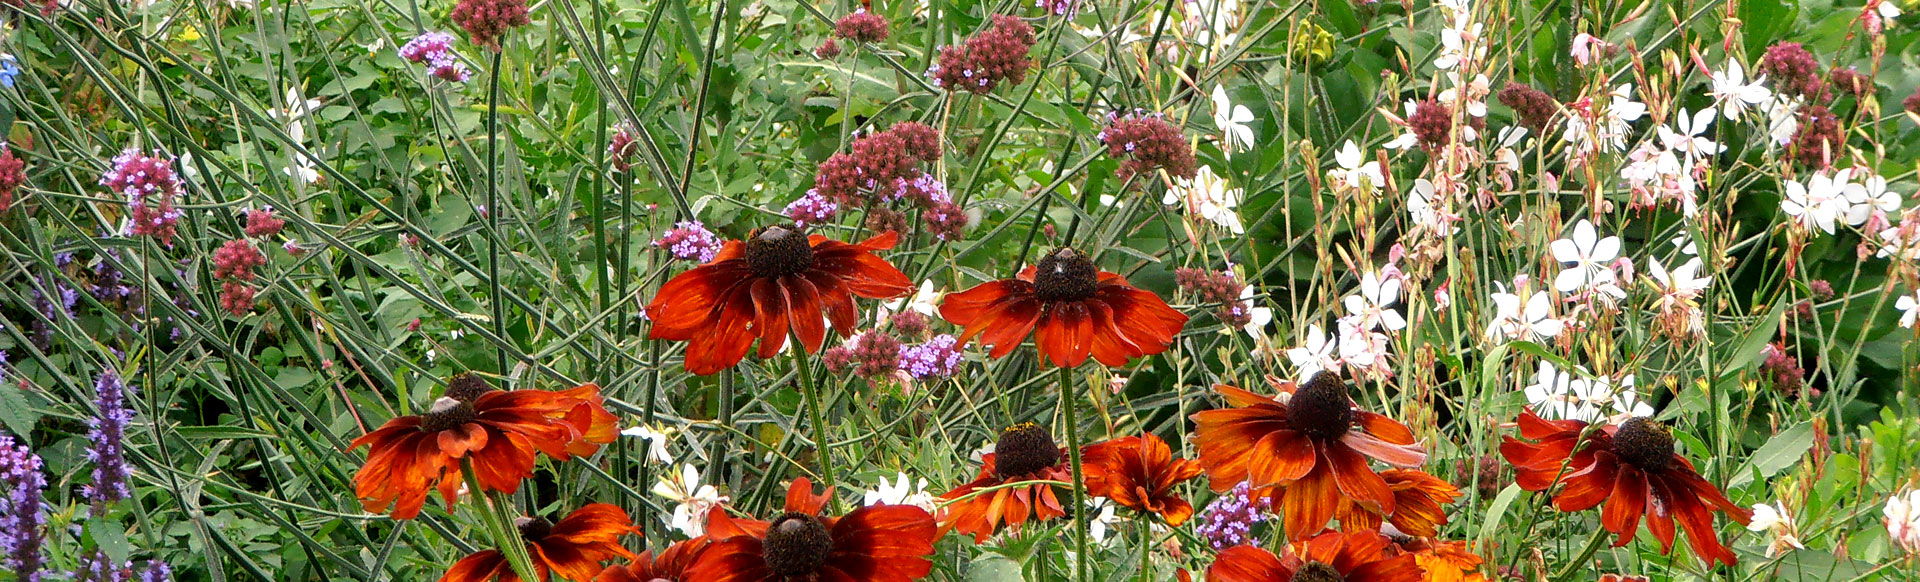 fleurs-region-centre-loir-et-cher